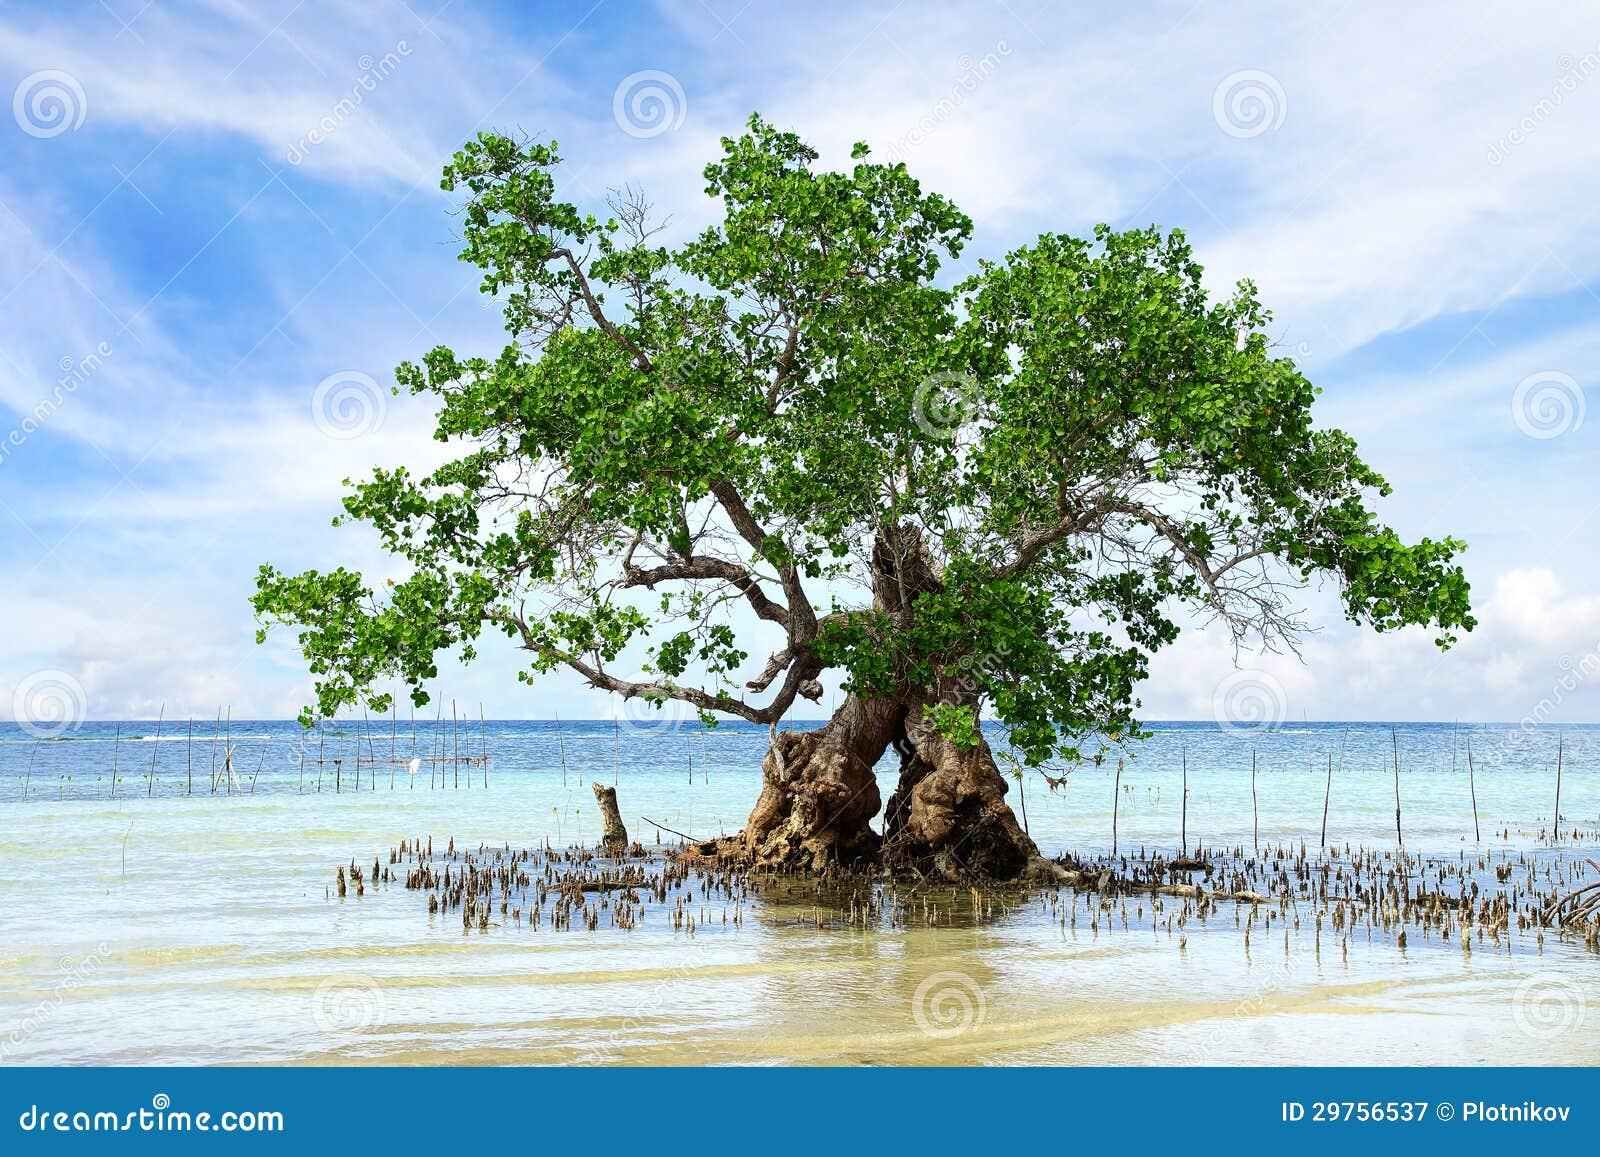 [Jeu] Association d'images - Page 18 Paisaje-con-el-rbol-del-mangle-isla-de-siquijor-filipinas-29756537